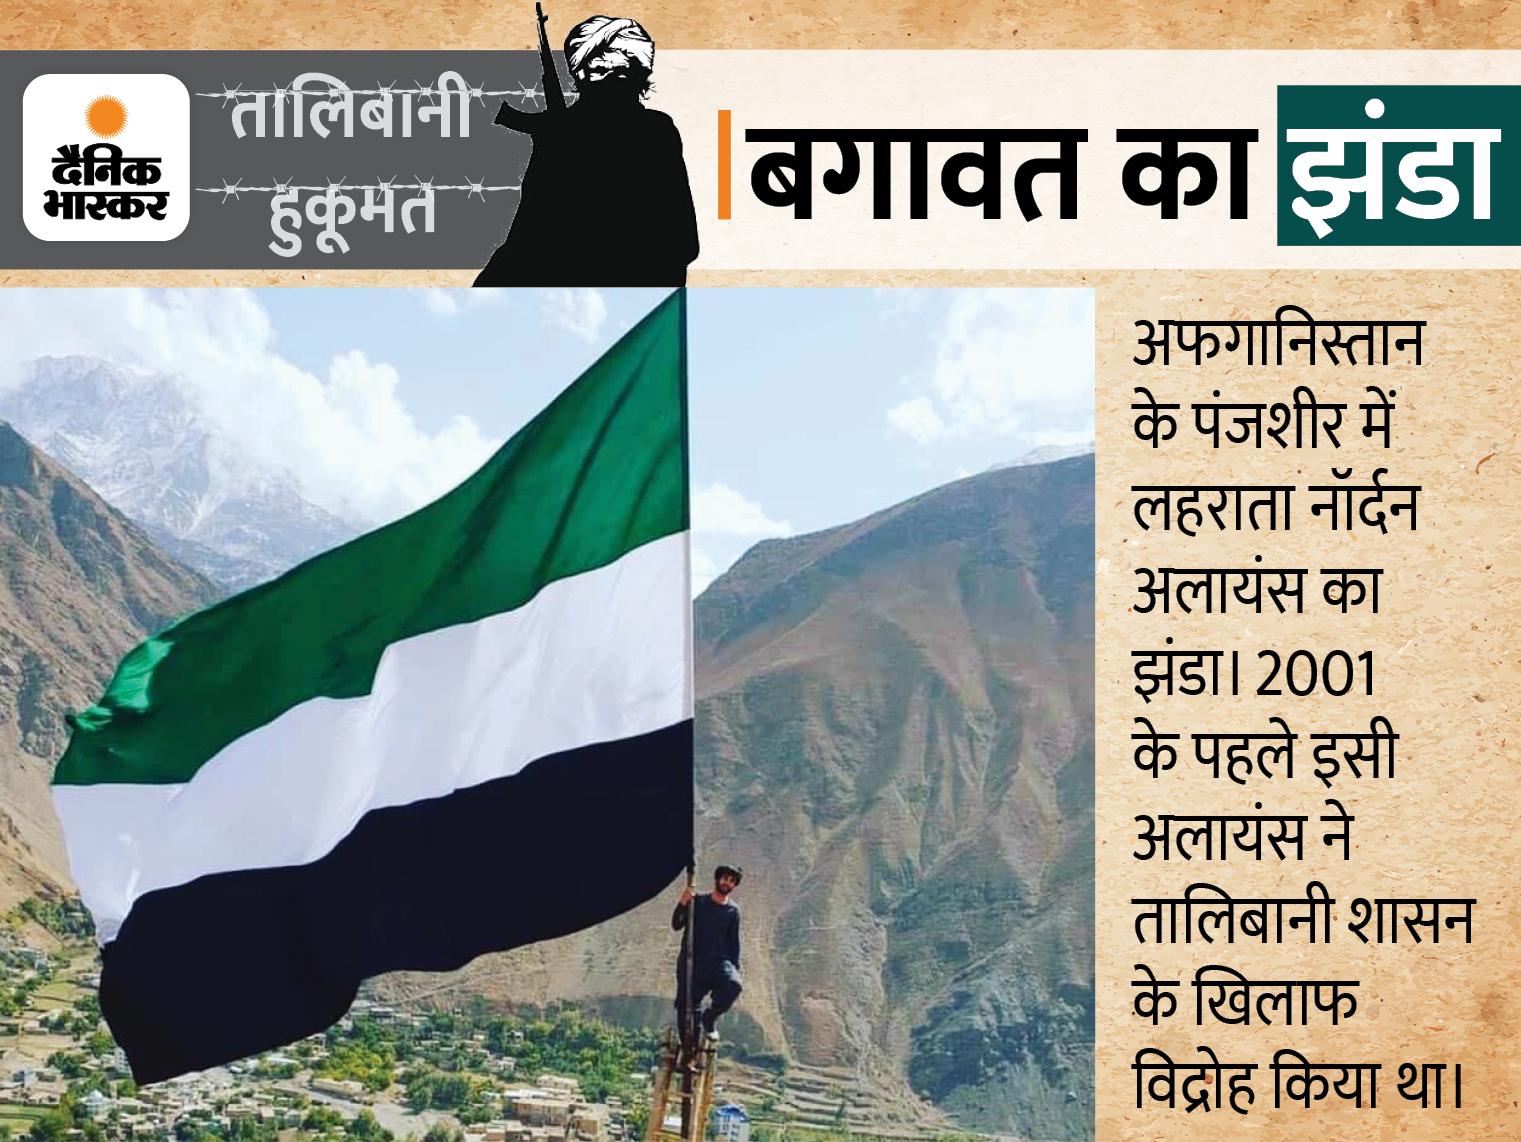 पंजशीर में जमा हो रहीं तालिबान विरोधी फौजें, चारिकार इलाके पर कब्जा कर फहराया नॉर्दन अलायंस का झंडा|देश,National - Dainik Bhaskar